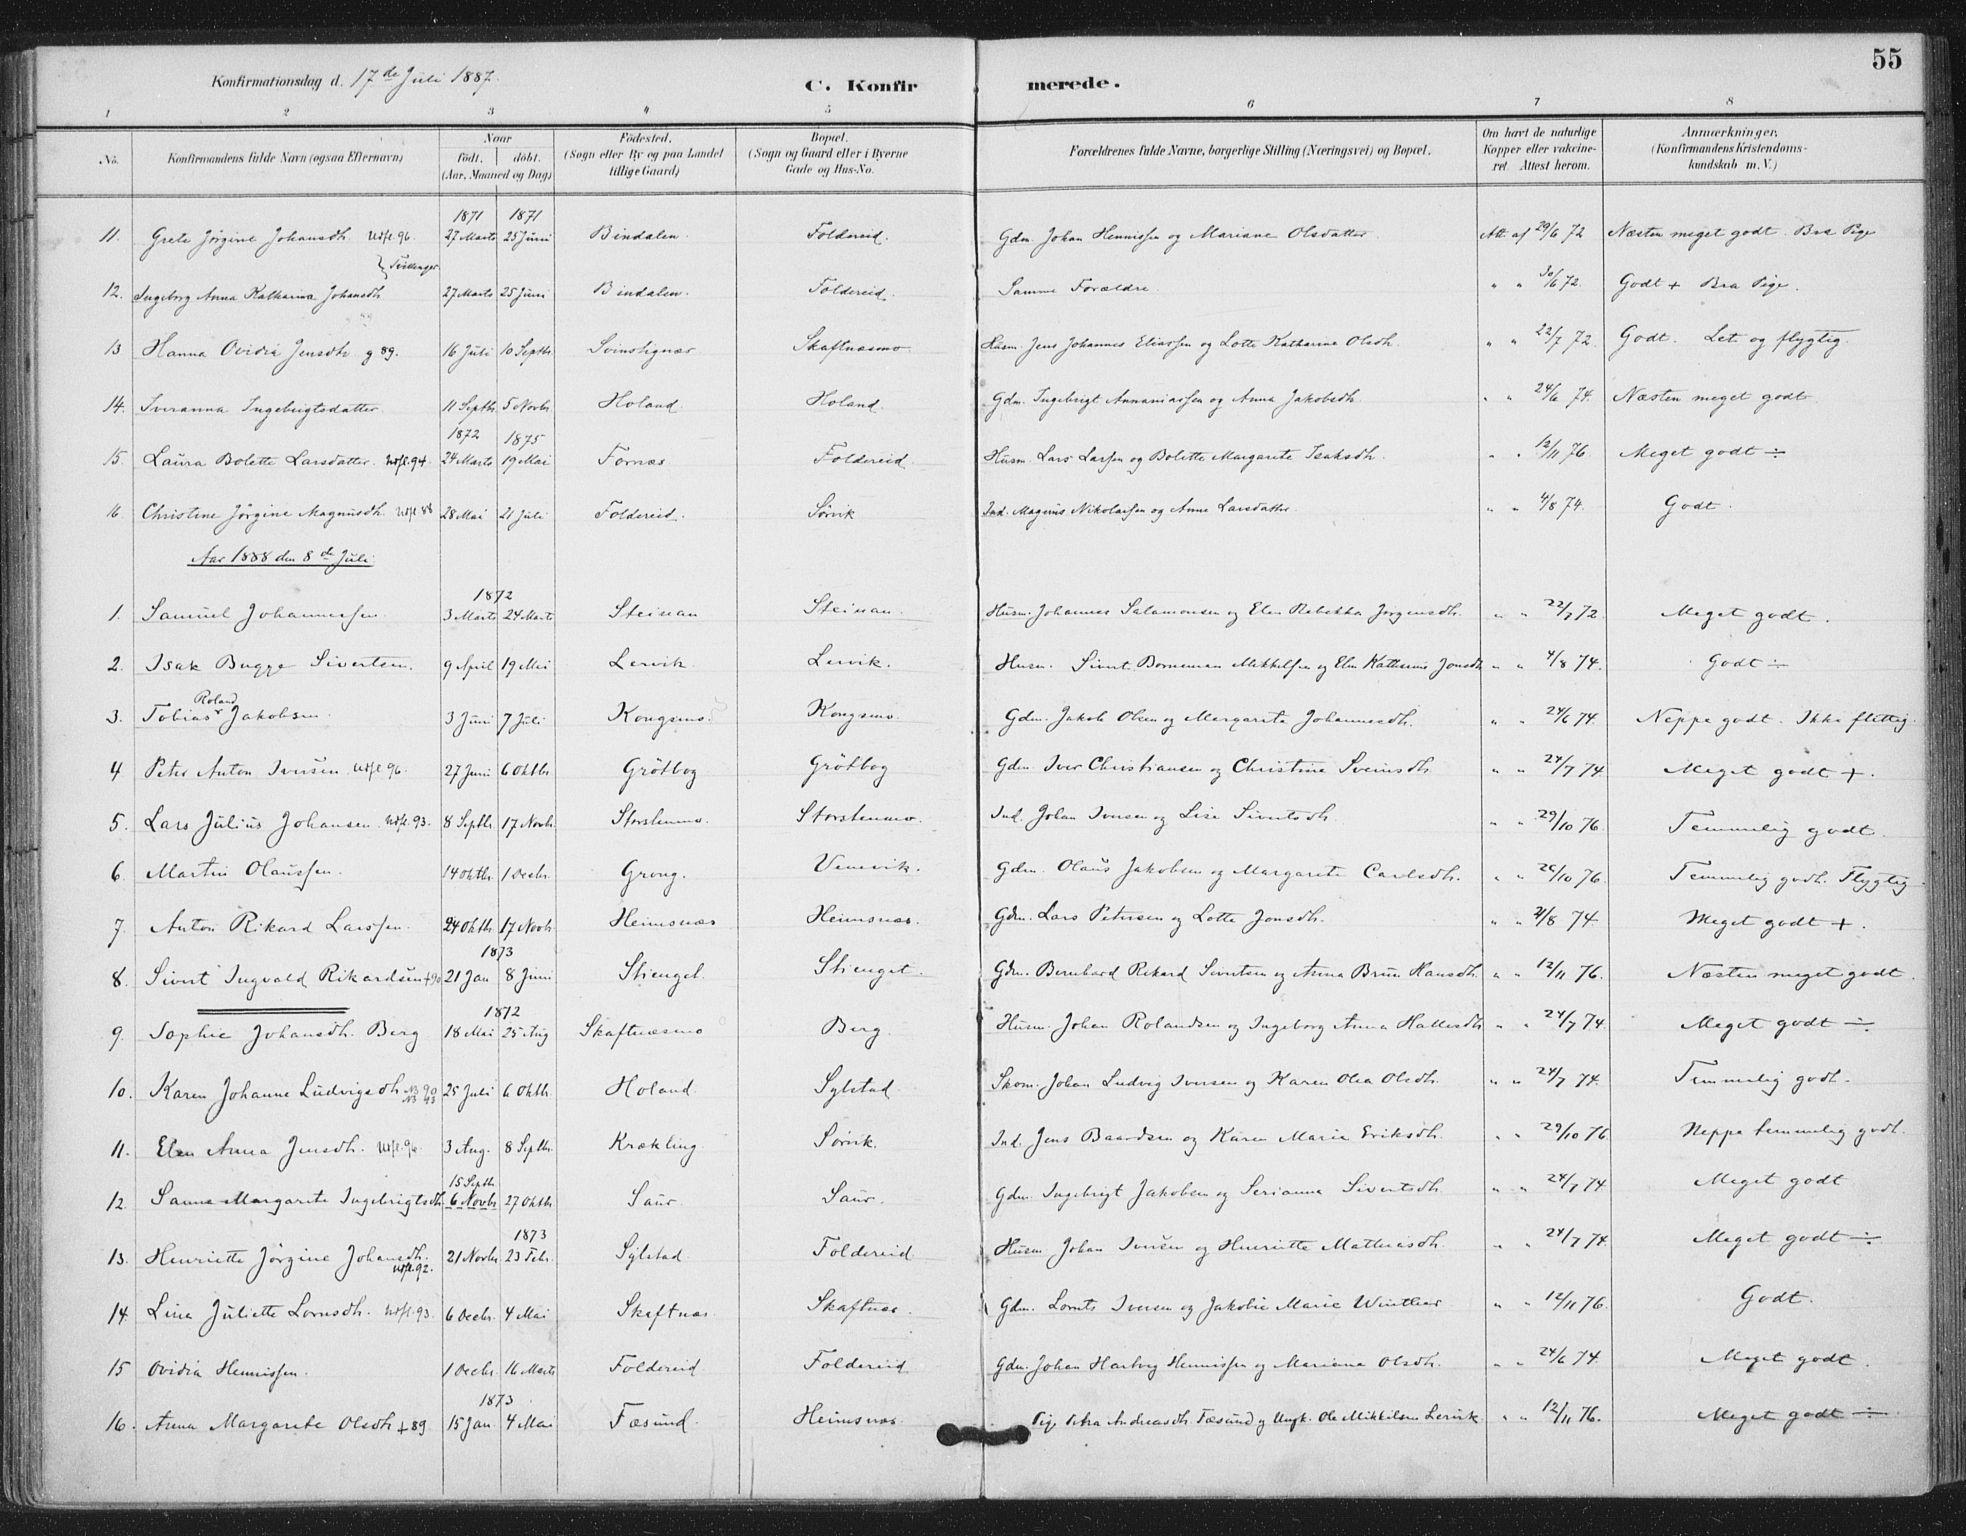 SAT, Ministerialprotokoller, klokkerbøker og fødselsregistre - Nord-Trøndelag, 783/L0660: Ministerialbok nr. 783A02, 1886-1918, s. 55